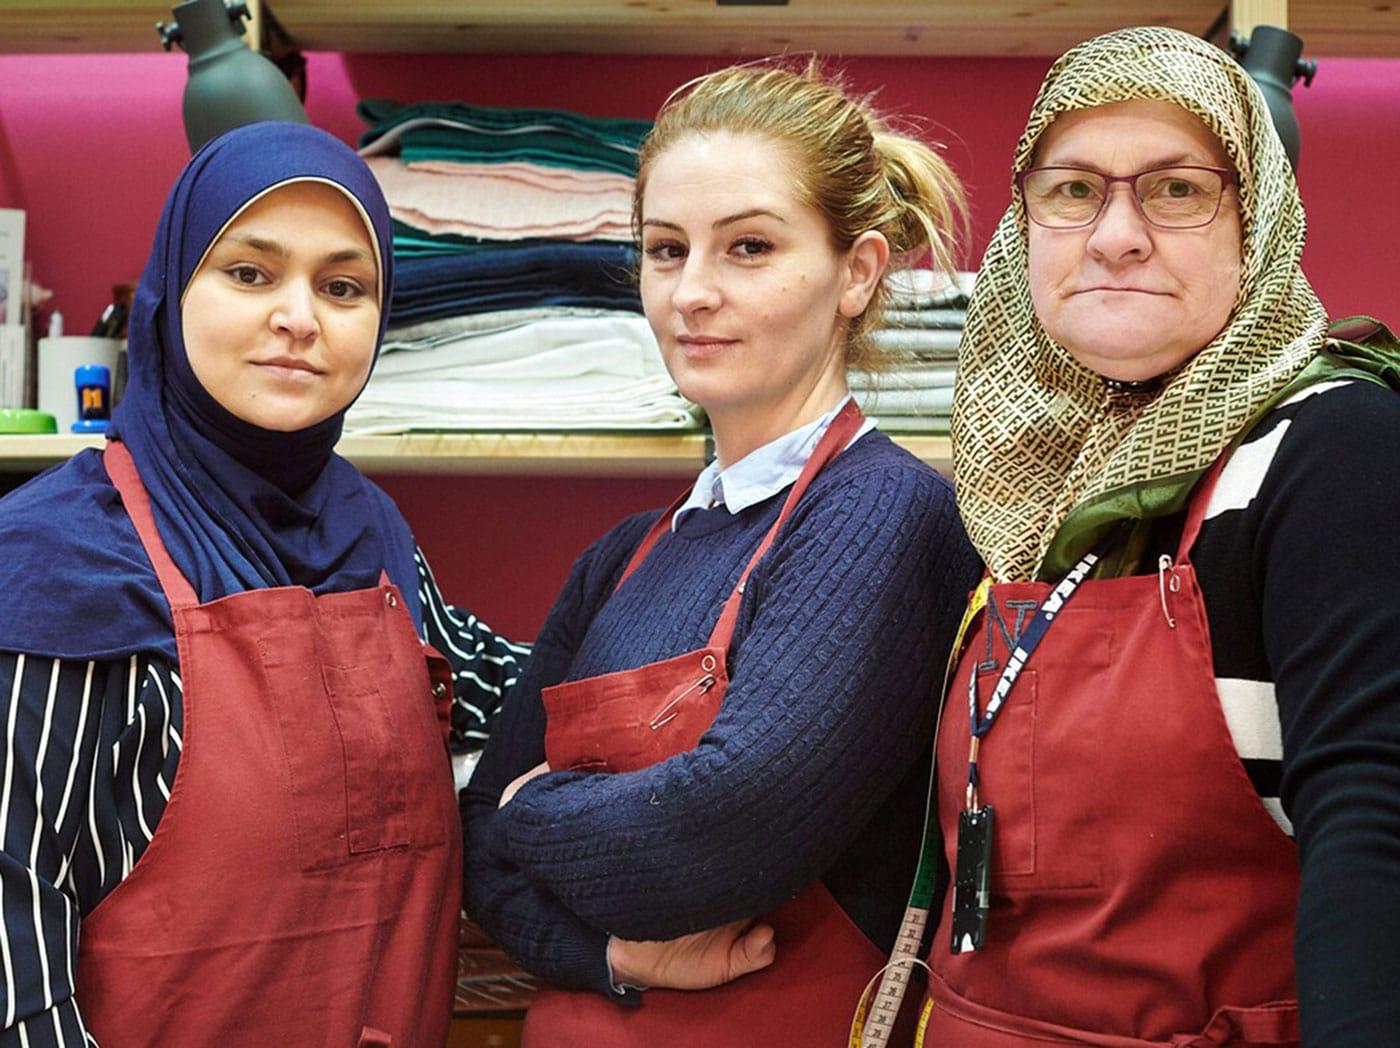 Tri sebavedomé ženy pózujú v obchode s látkami v obchodnom dome IKEA, aby si uctili Svetový deň utečencov 20. júna.